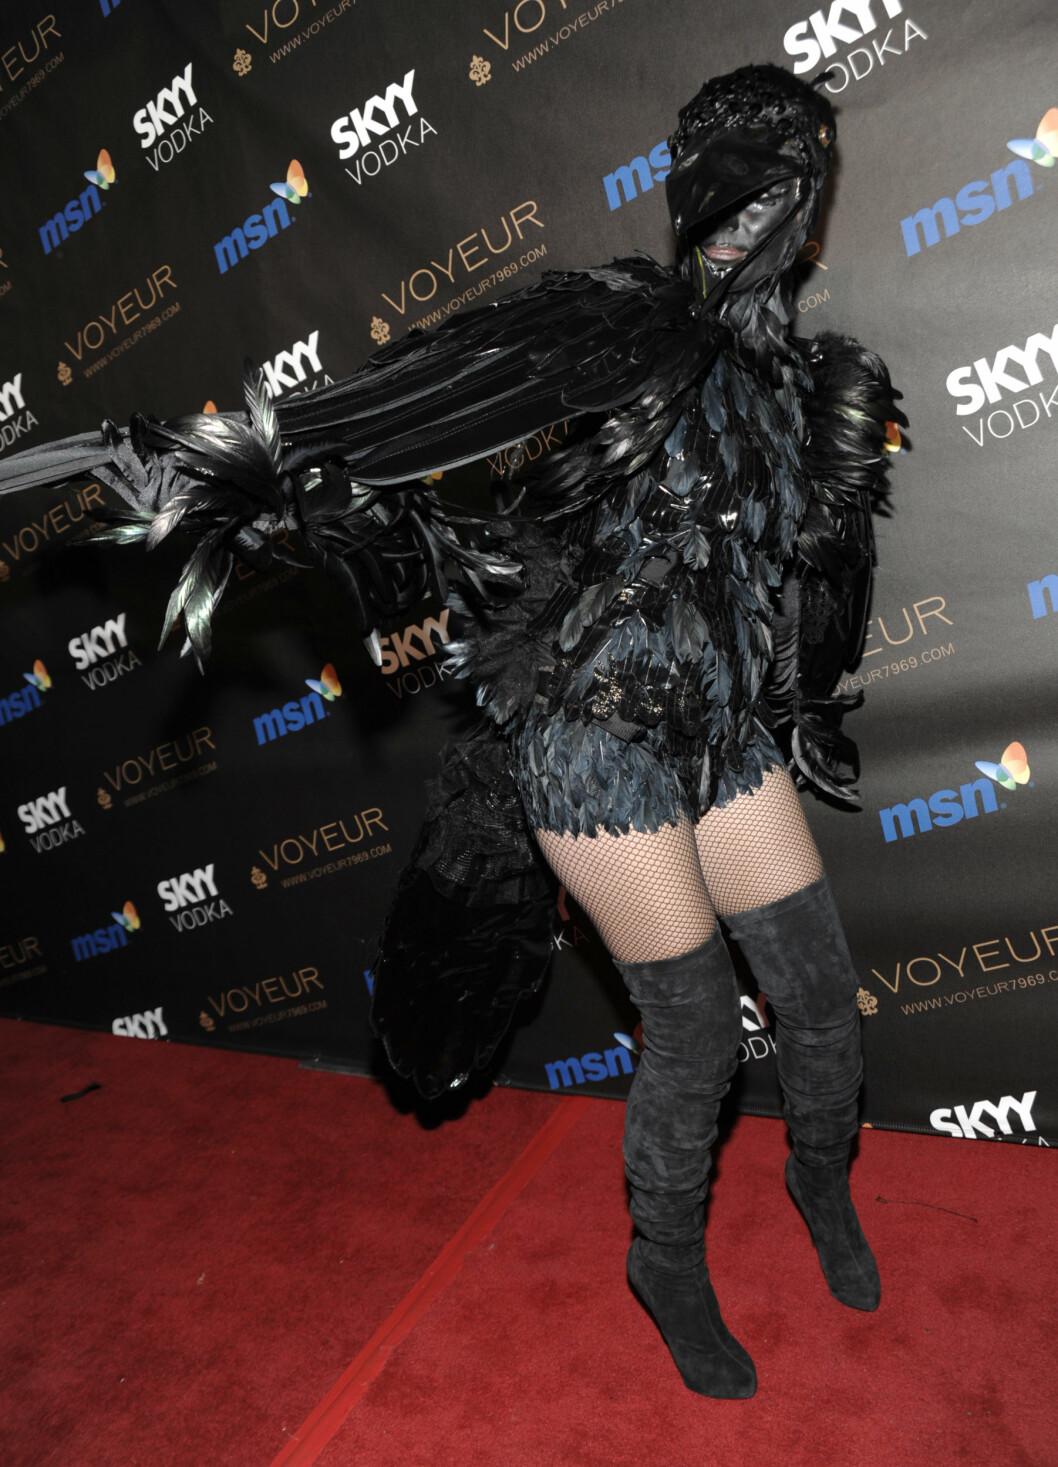 FJÆR: En ugjenkjennelig Heidi Klum på Halloween-fest i 2009. Foto: AP